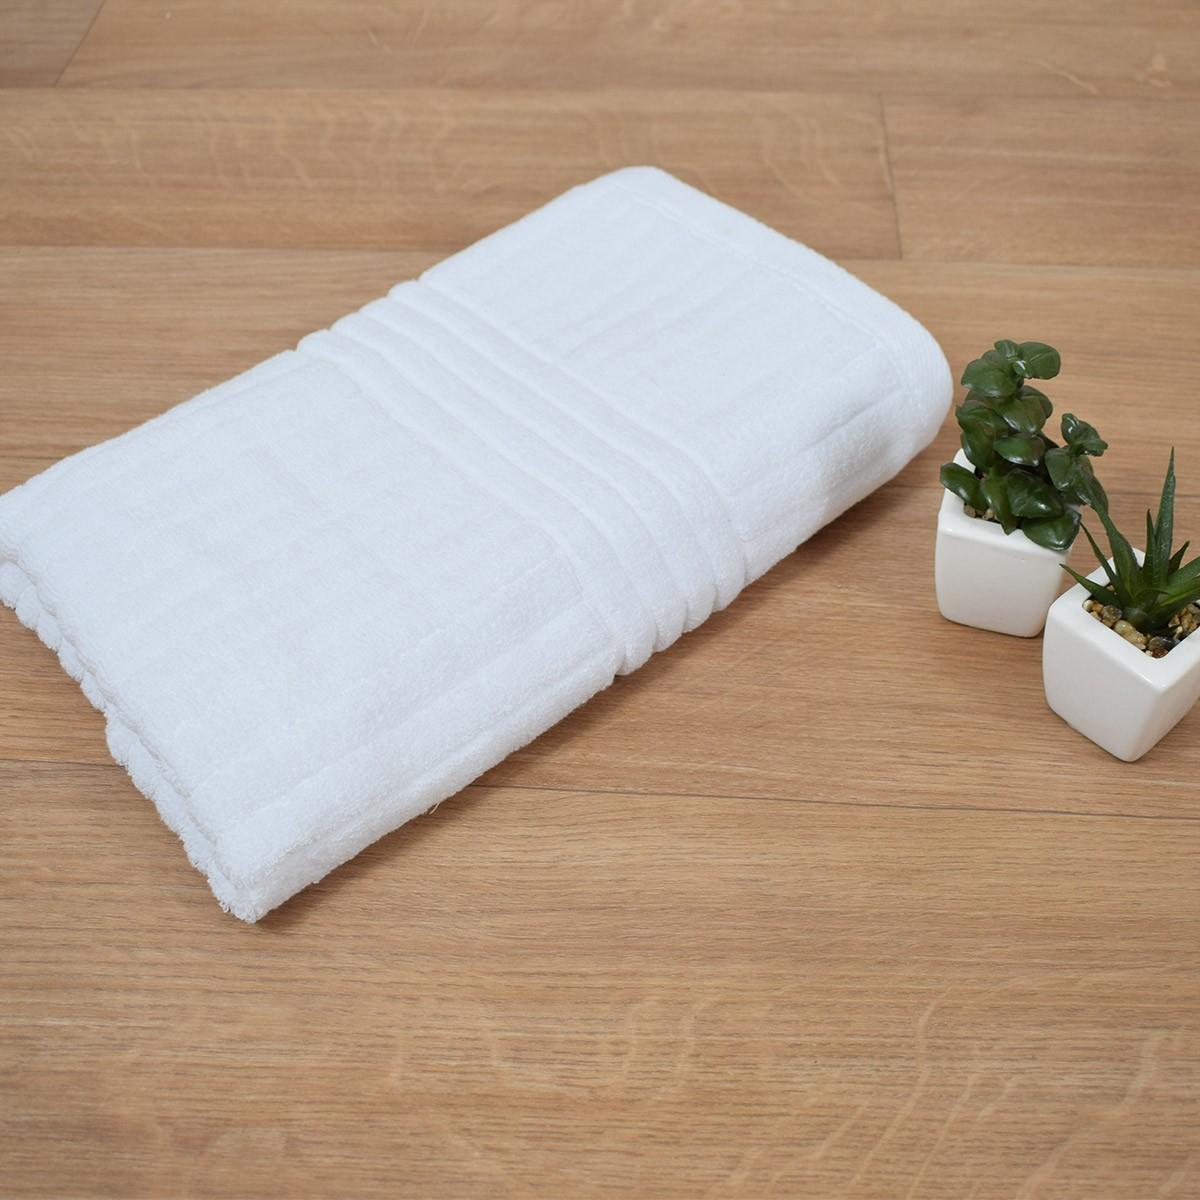 Πετσέτα Σώματος Λευκή (75x150) Κοτλέ 720gr/m2 home   επαγγελματικός εξοπλισμός   ξενοδοχειακός εξοπλισμός   πετσέτες ξενοδοχεί